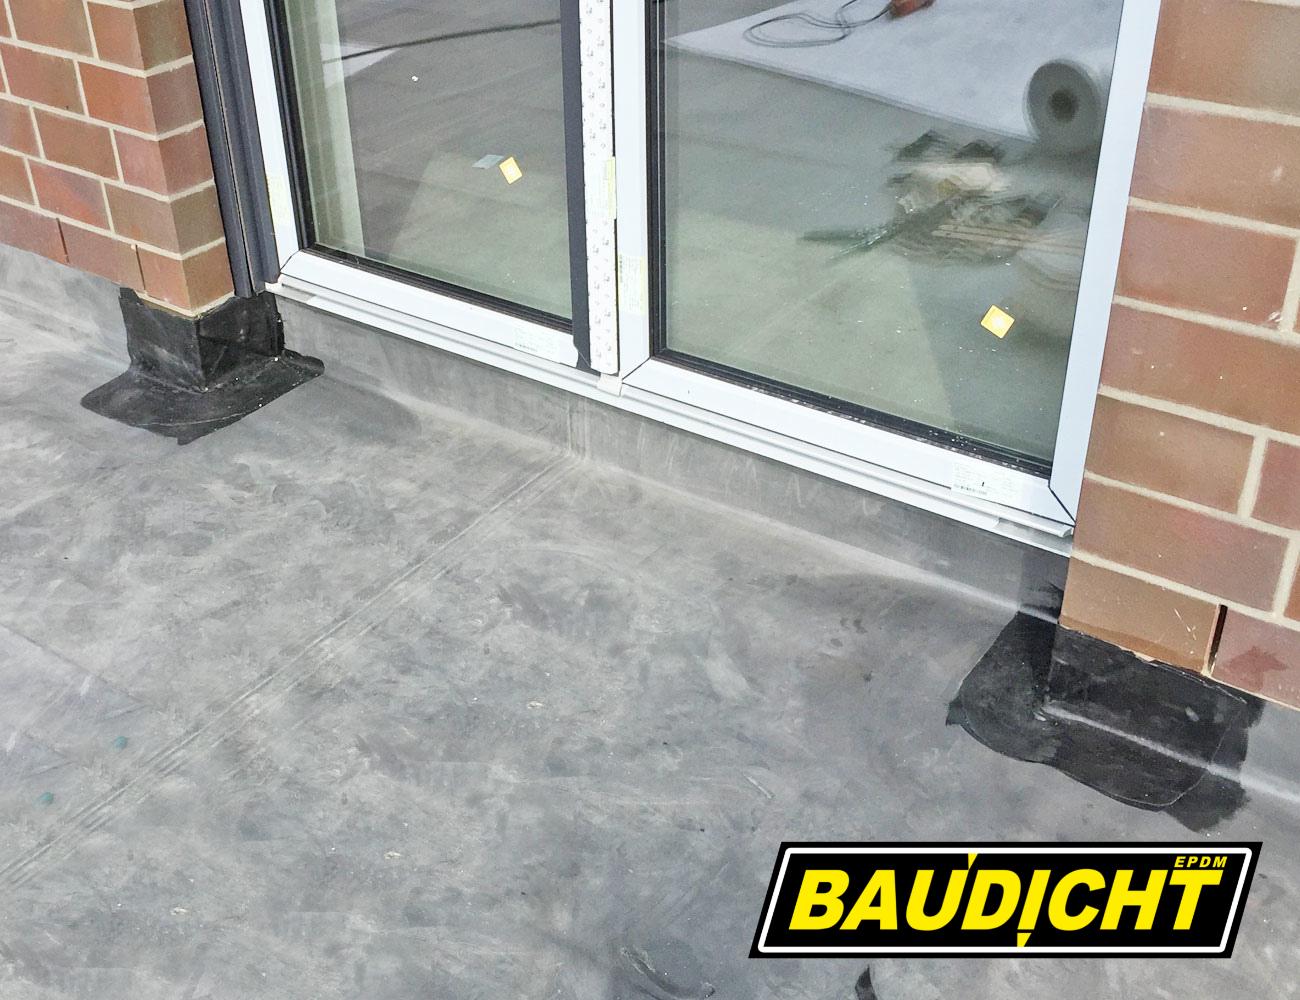 BAUDICHT EPDM Terrassenabdichtung von Außenecken